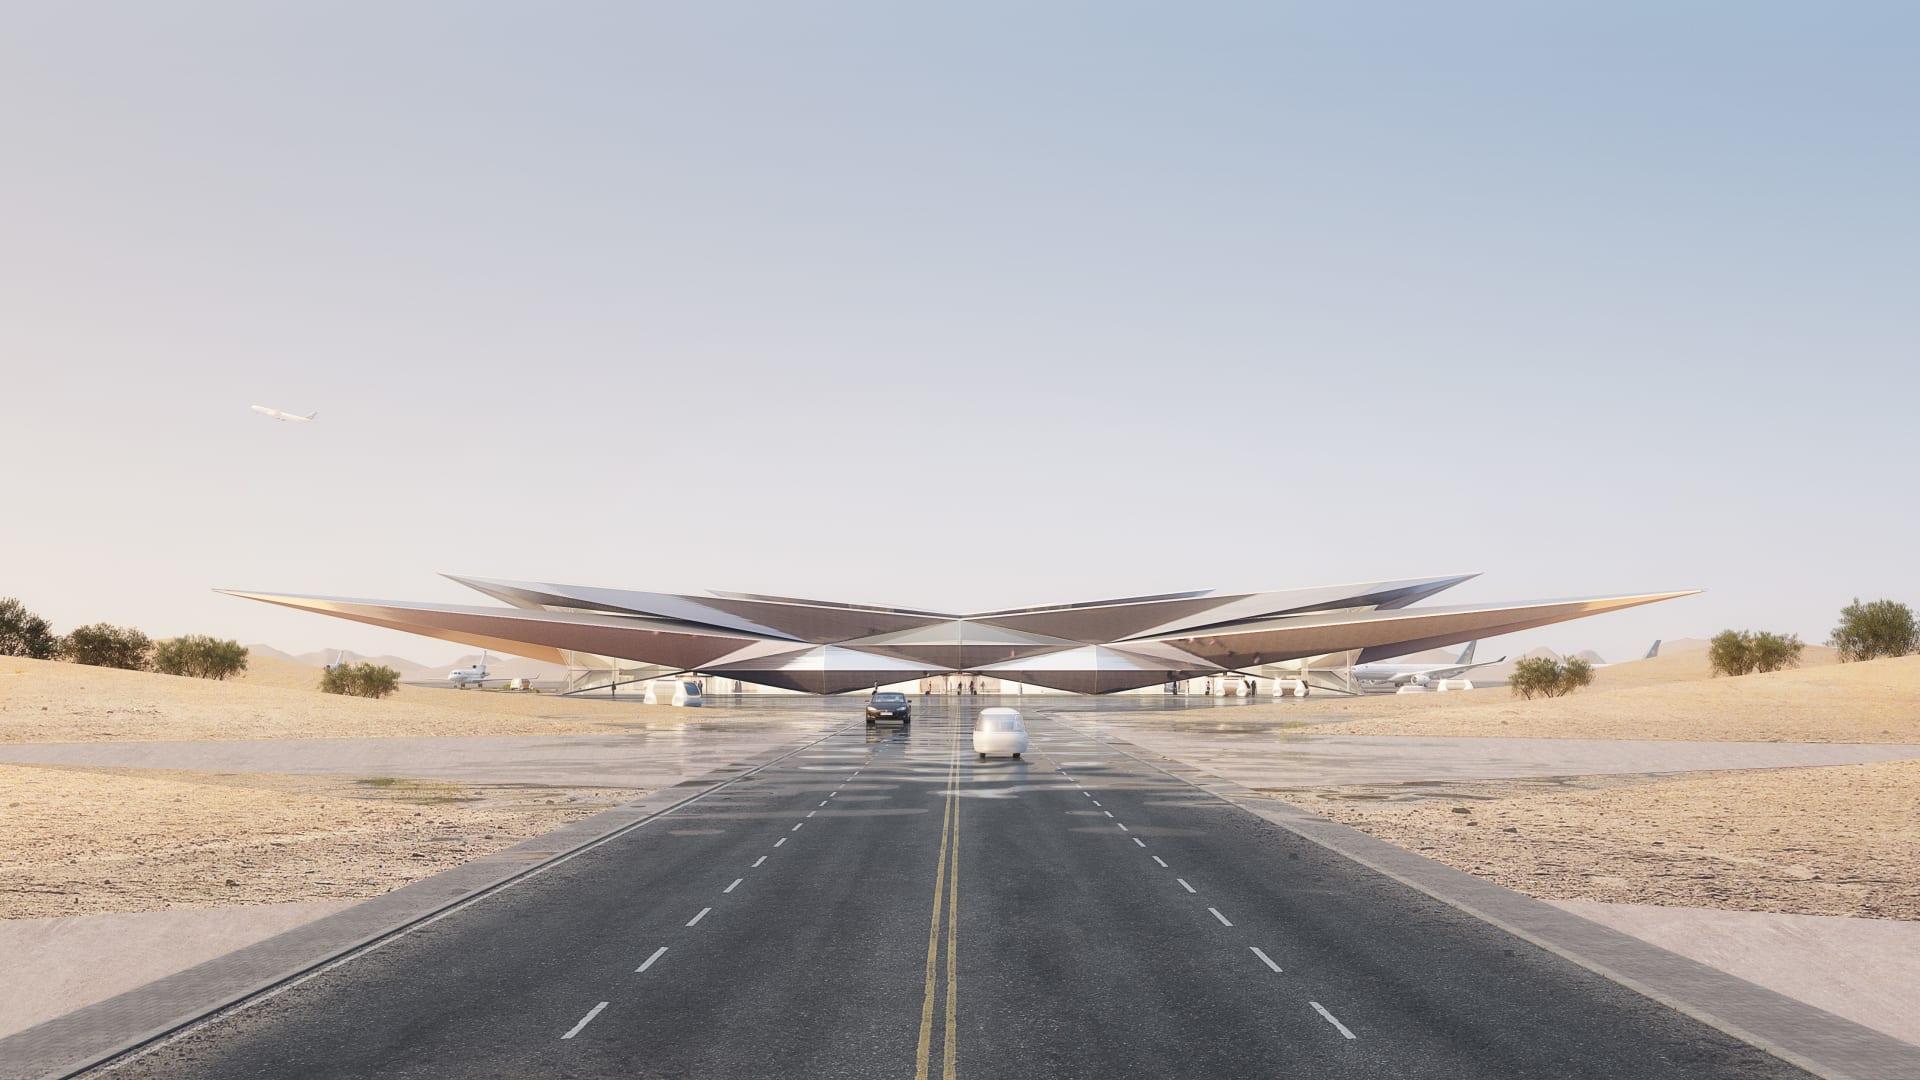 قطارات فائقة السرعة بالسعودية تنقل الحجاج في وقت قياسي